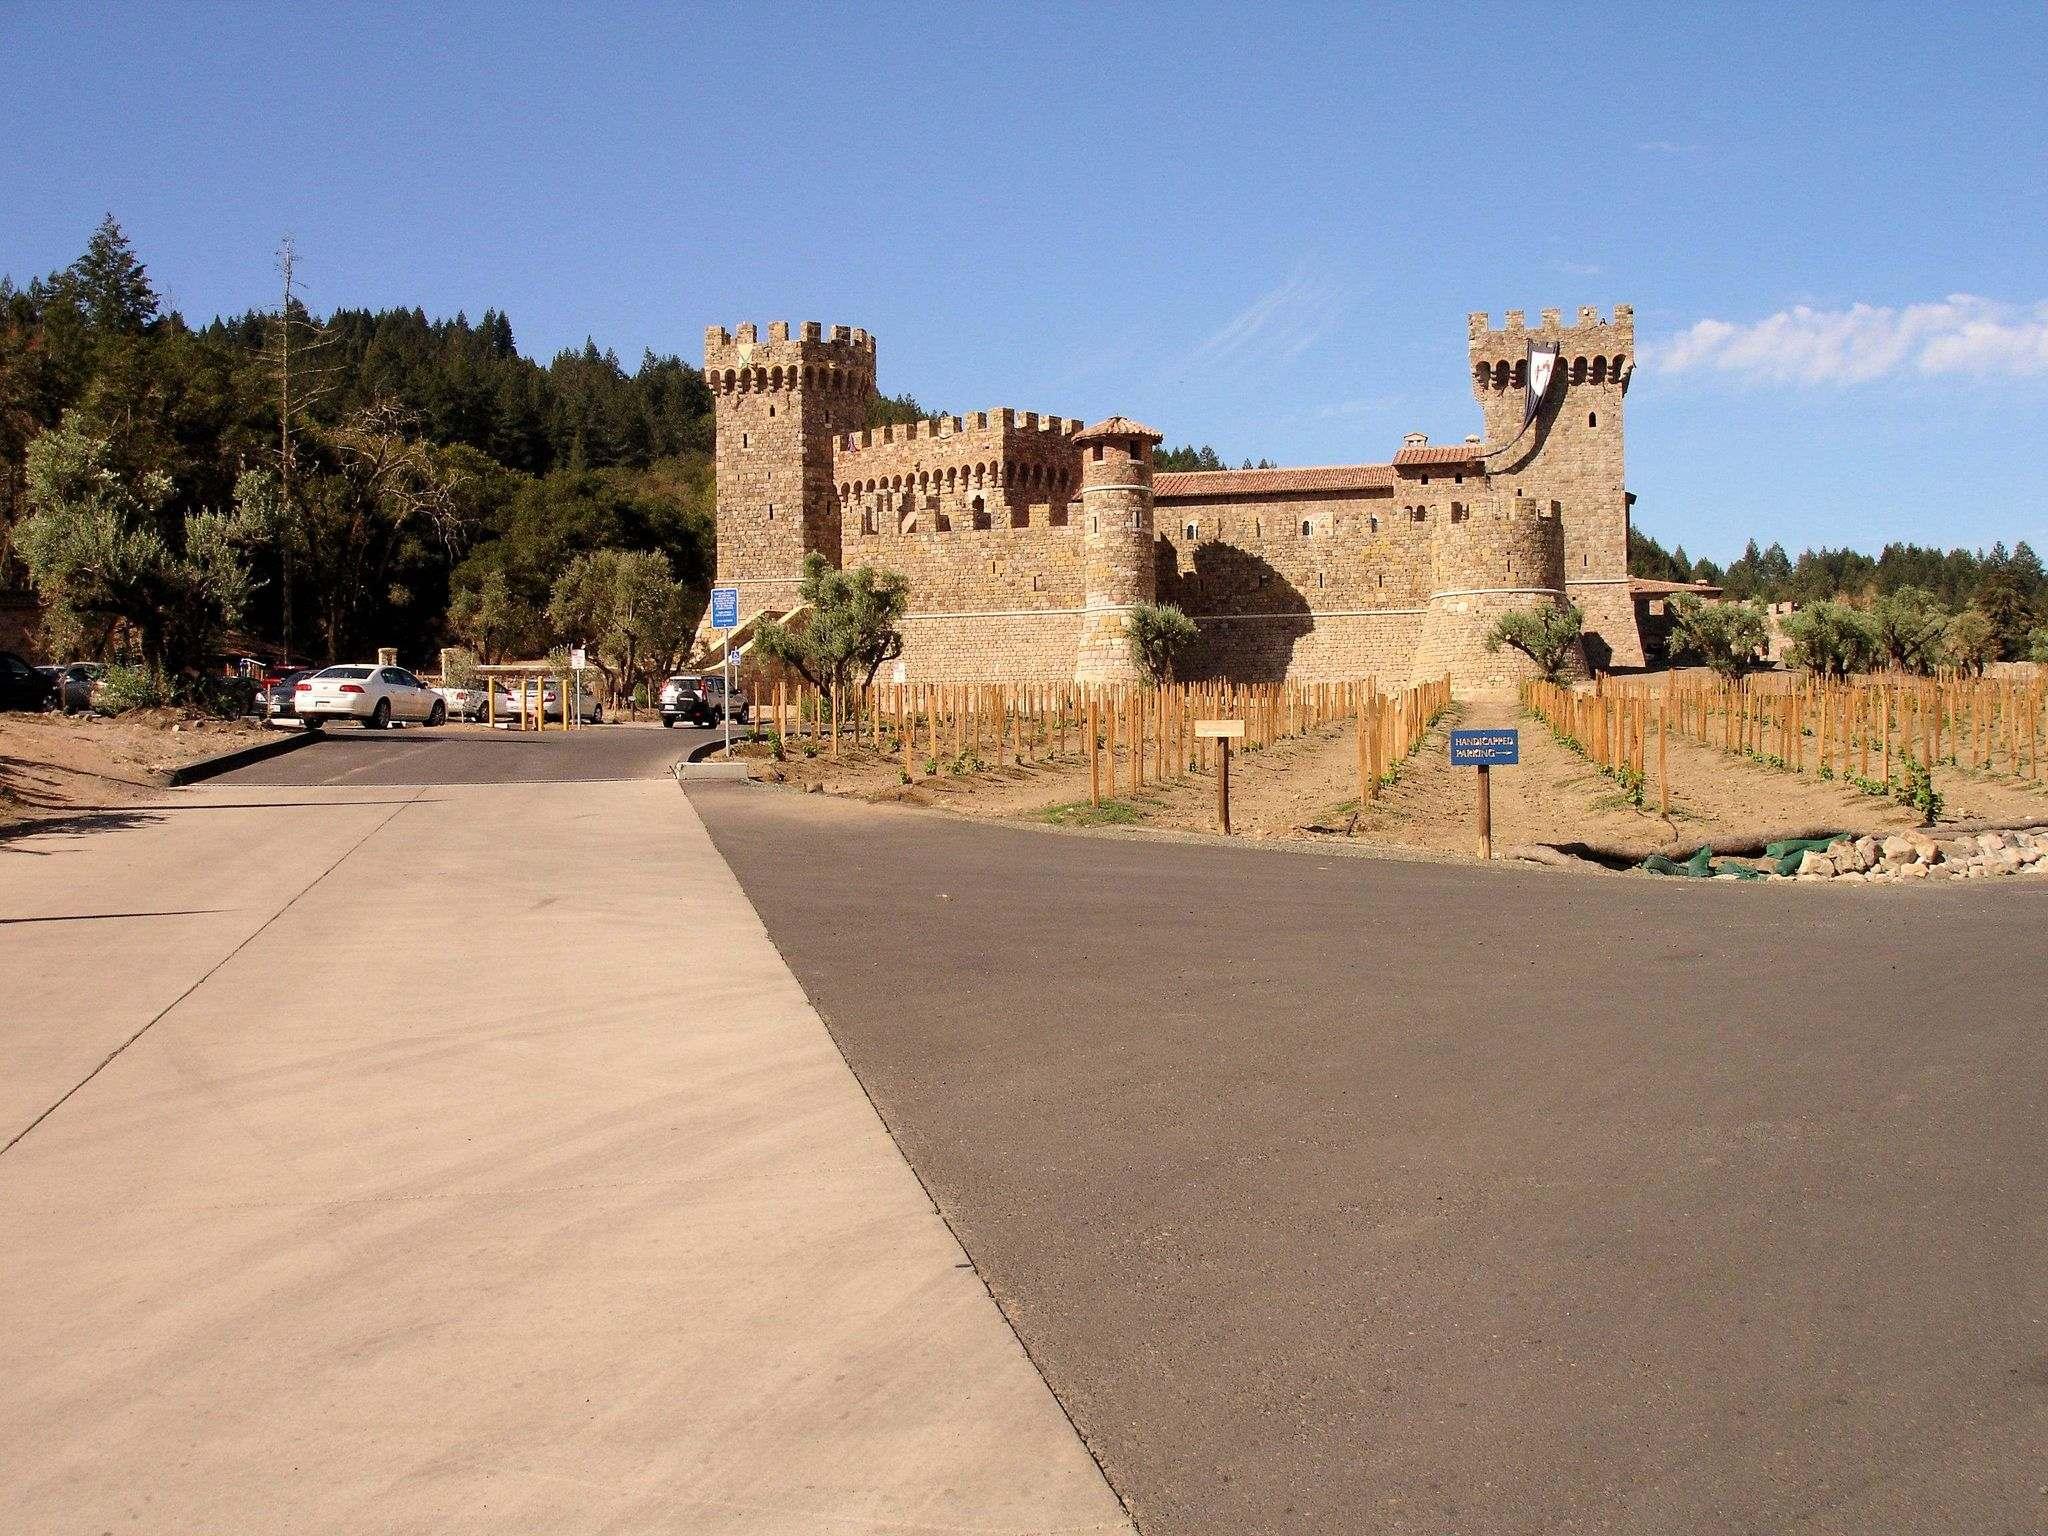 castello di amorosa11 Castello di Amorosa Winery in Napa Valley, California